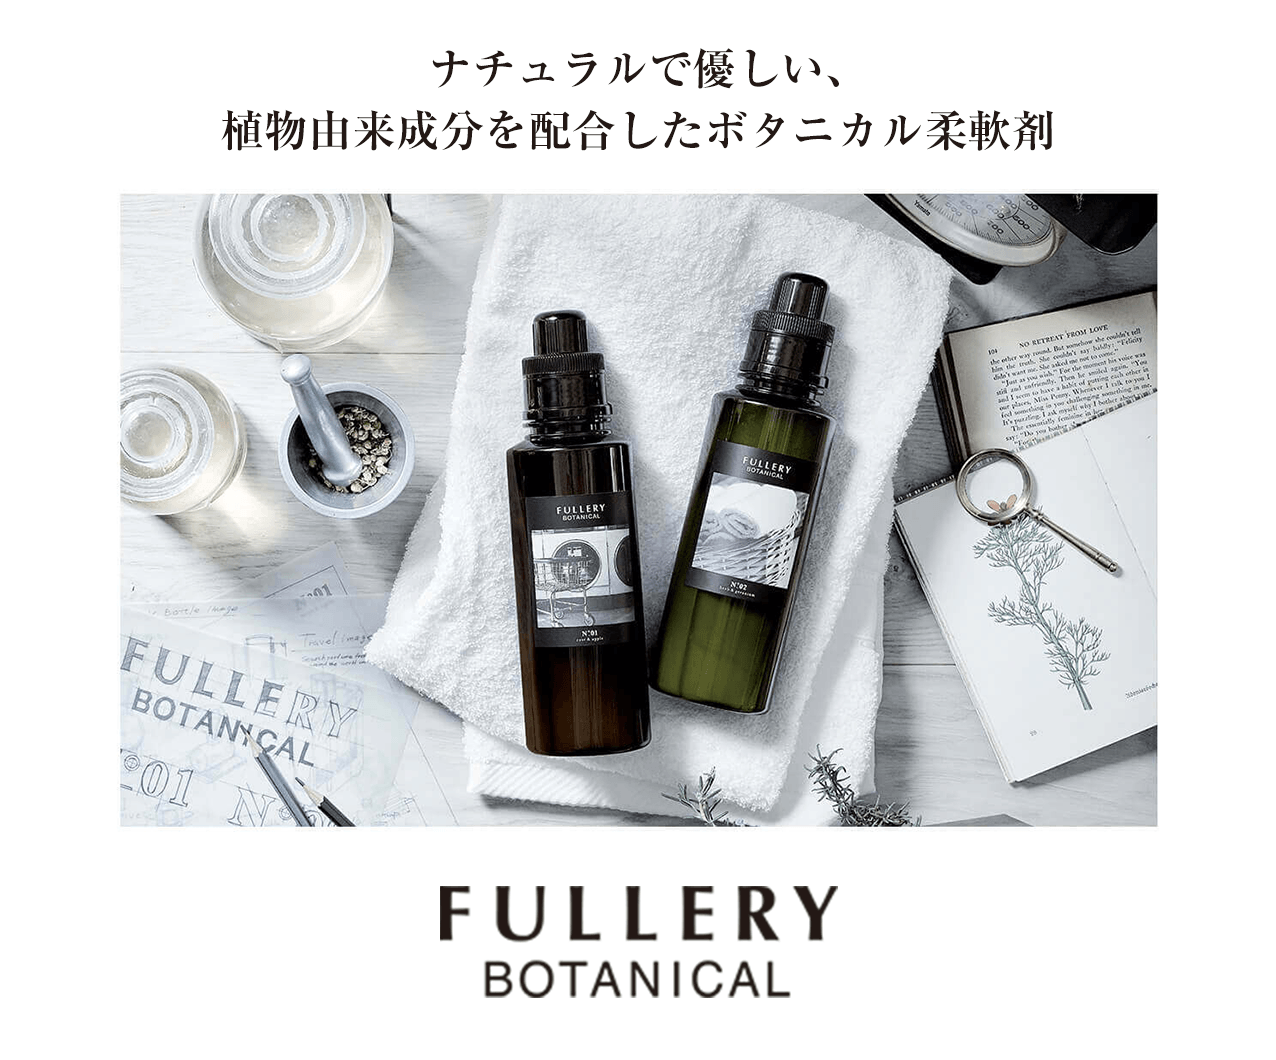 ナチュラルで優しい、植物由来成分を配合したボタニカル柔軟剤FULLERY BOTANICAL